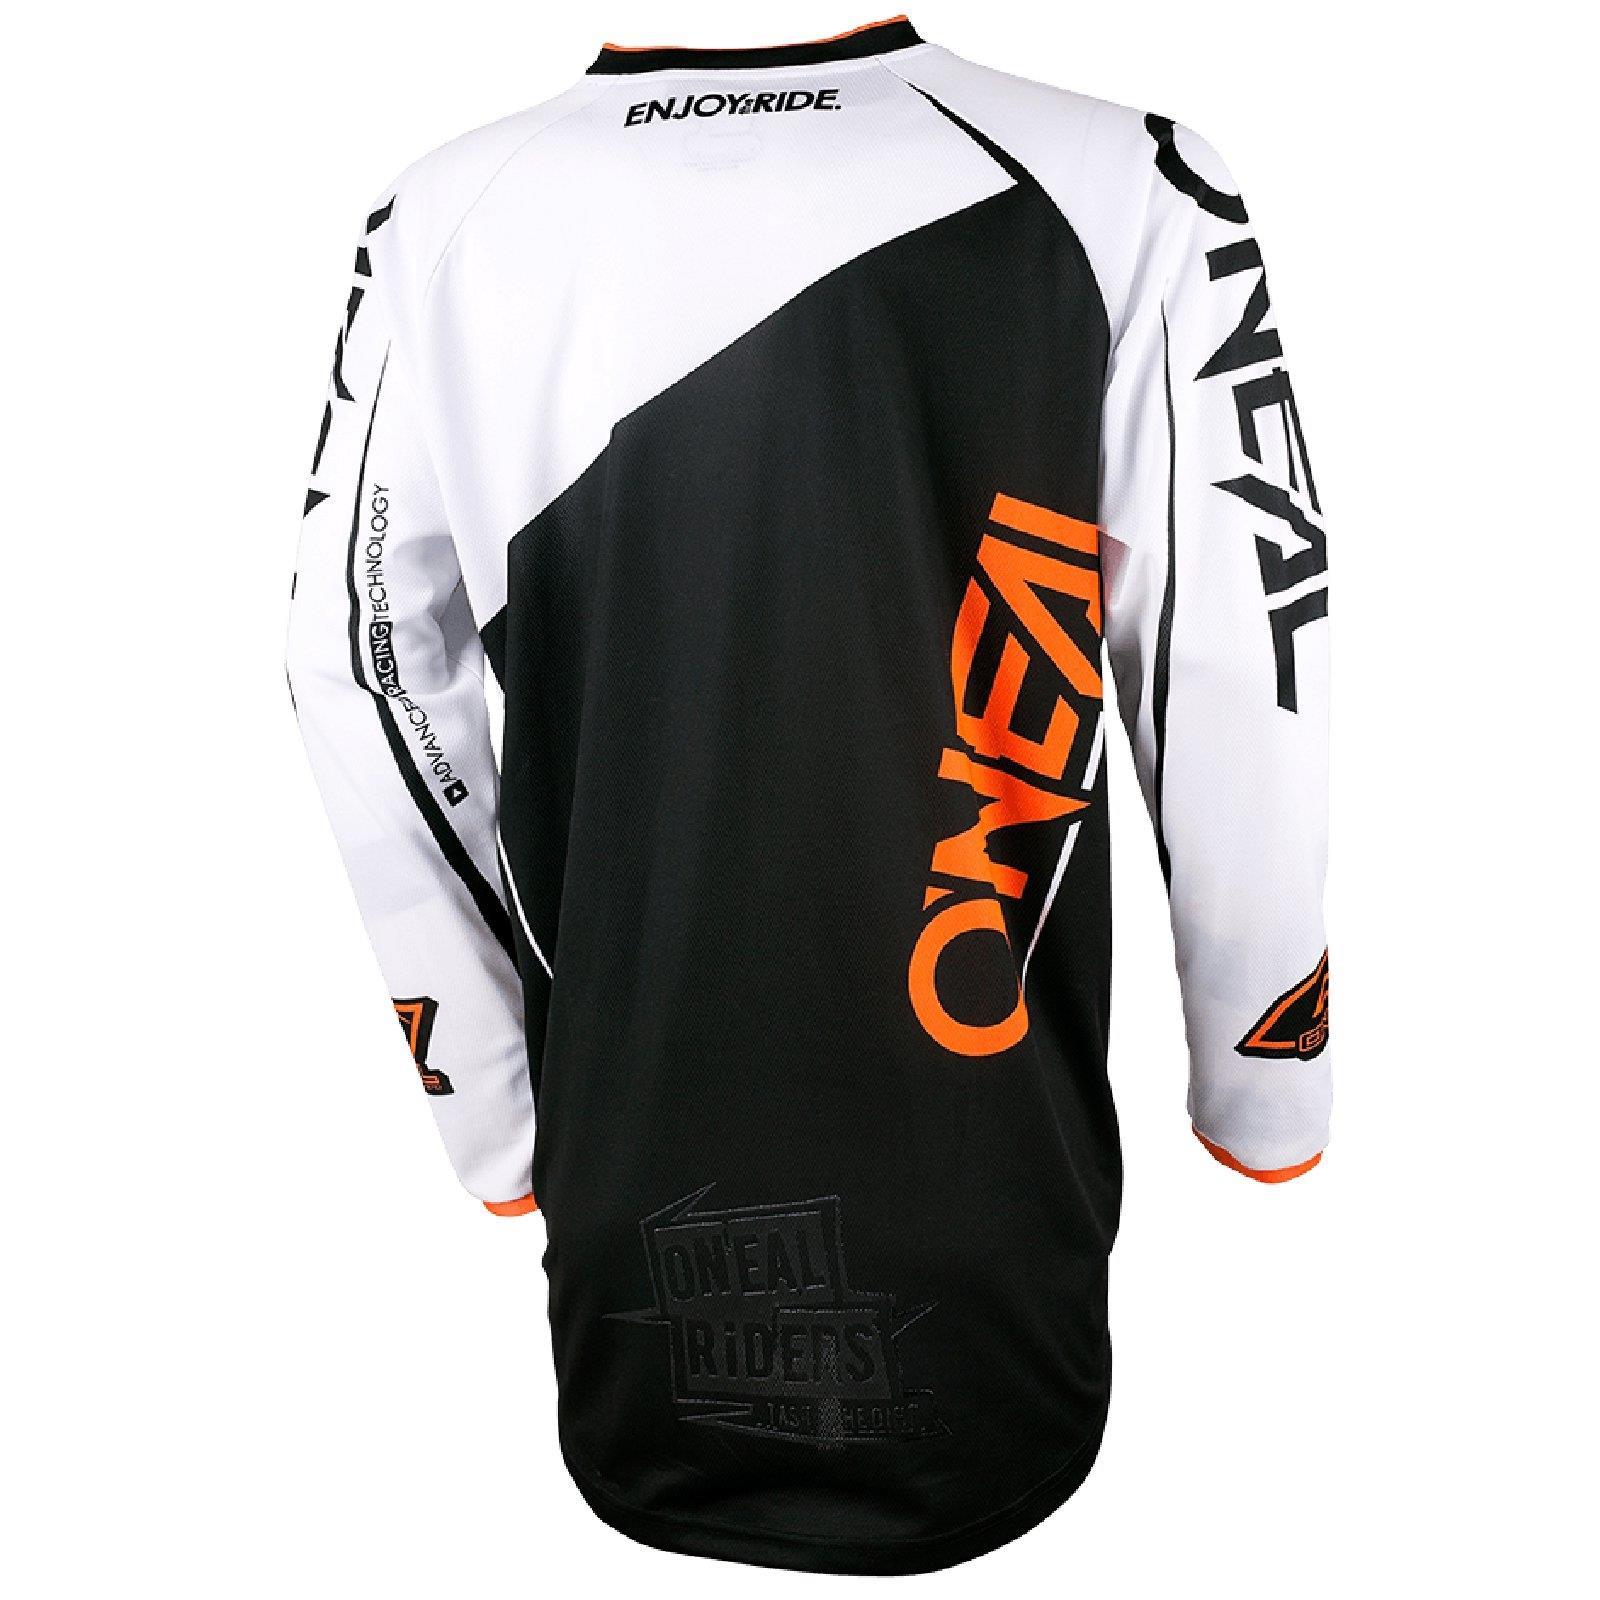 O-039-neal-Mayhem-Lite-Jersey-pantalones-combo-bloqueador-motocross-MX-quad-todoterreno-MTB-DH miniatura 4